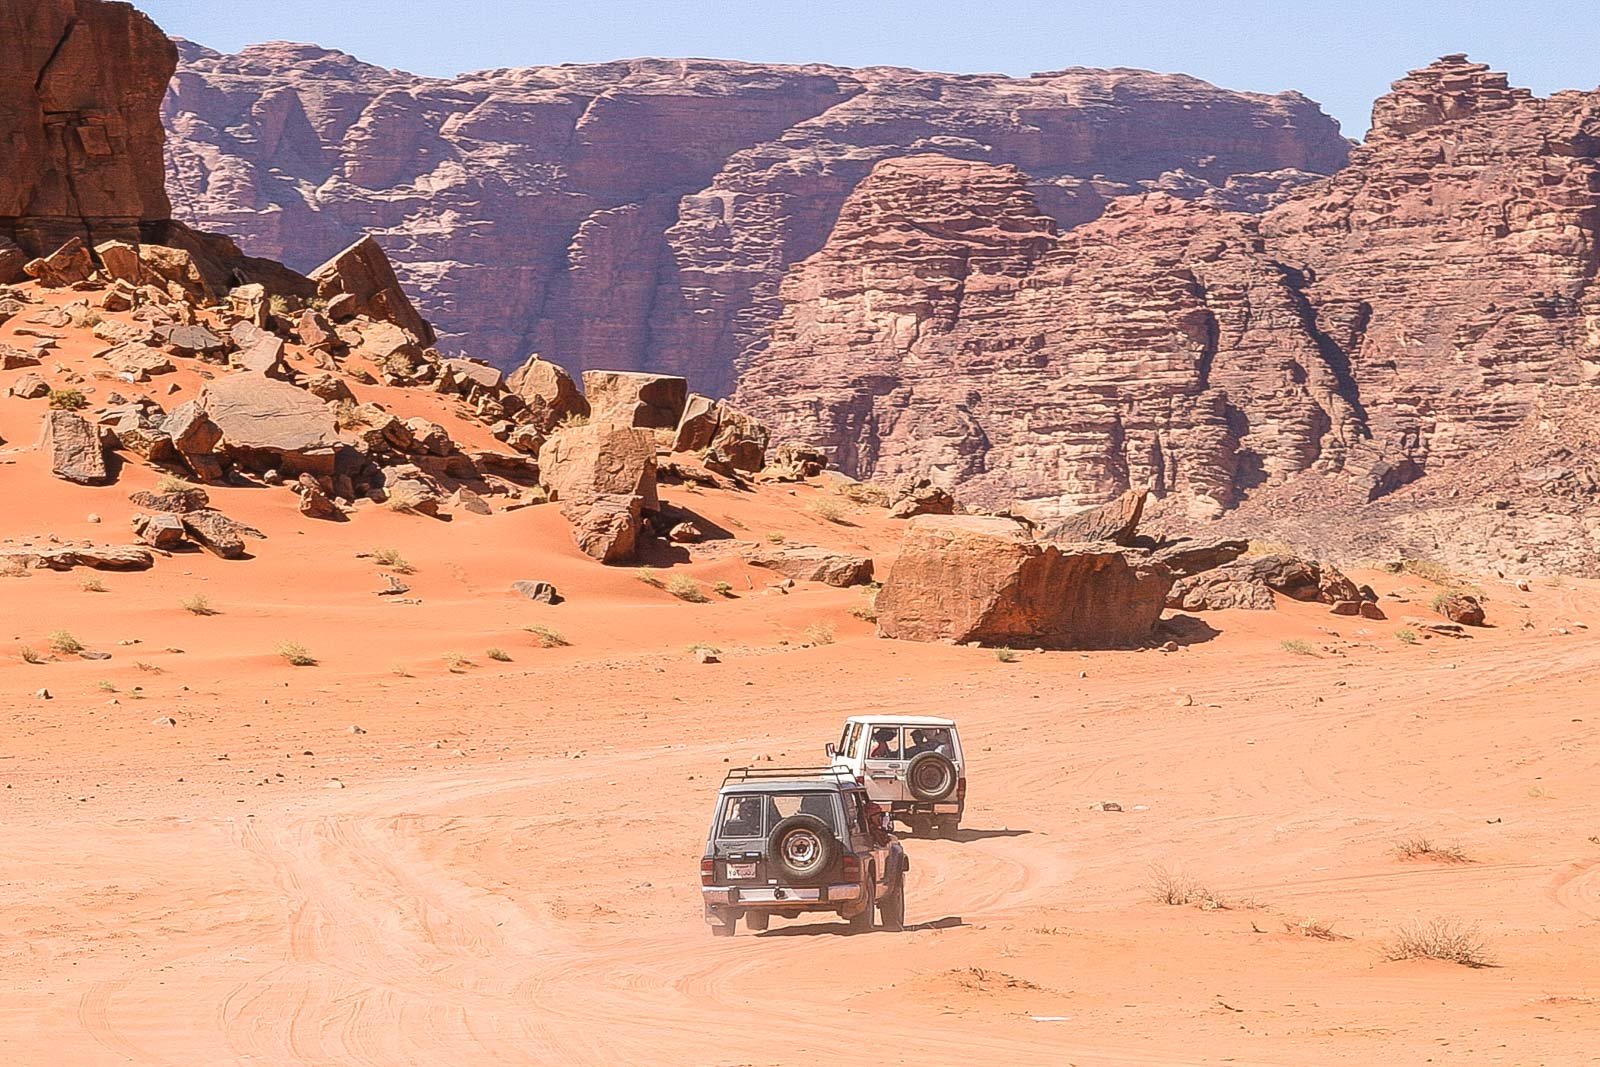 Mit den Allrad-Jeeps geht es durch das Wad Rum. Die Guides bringen einen an alle interessanten Orte, wissen auch vieles über die Wüste zu berichten.